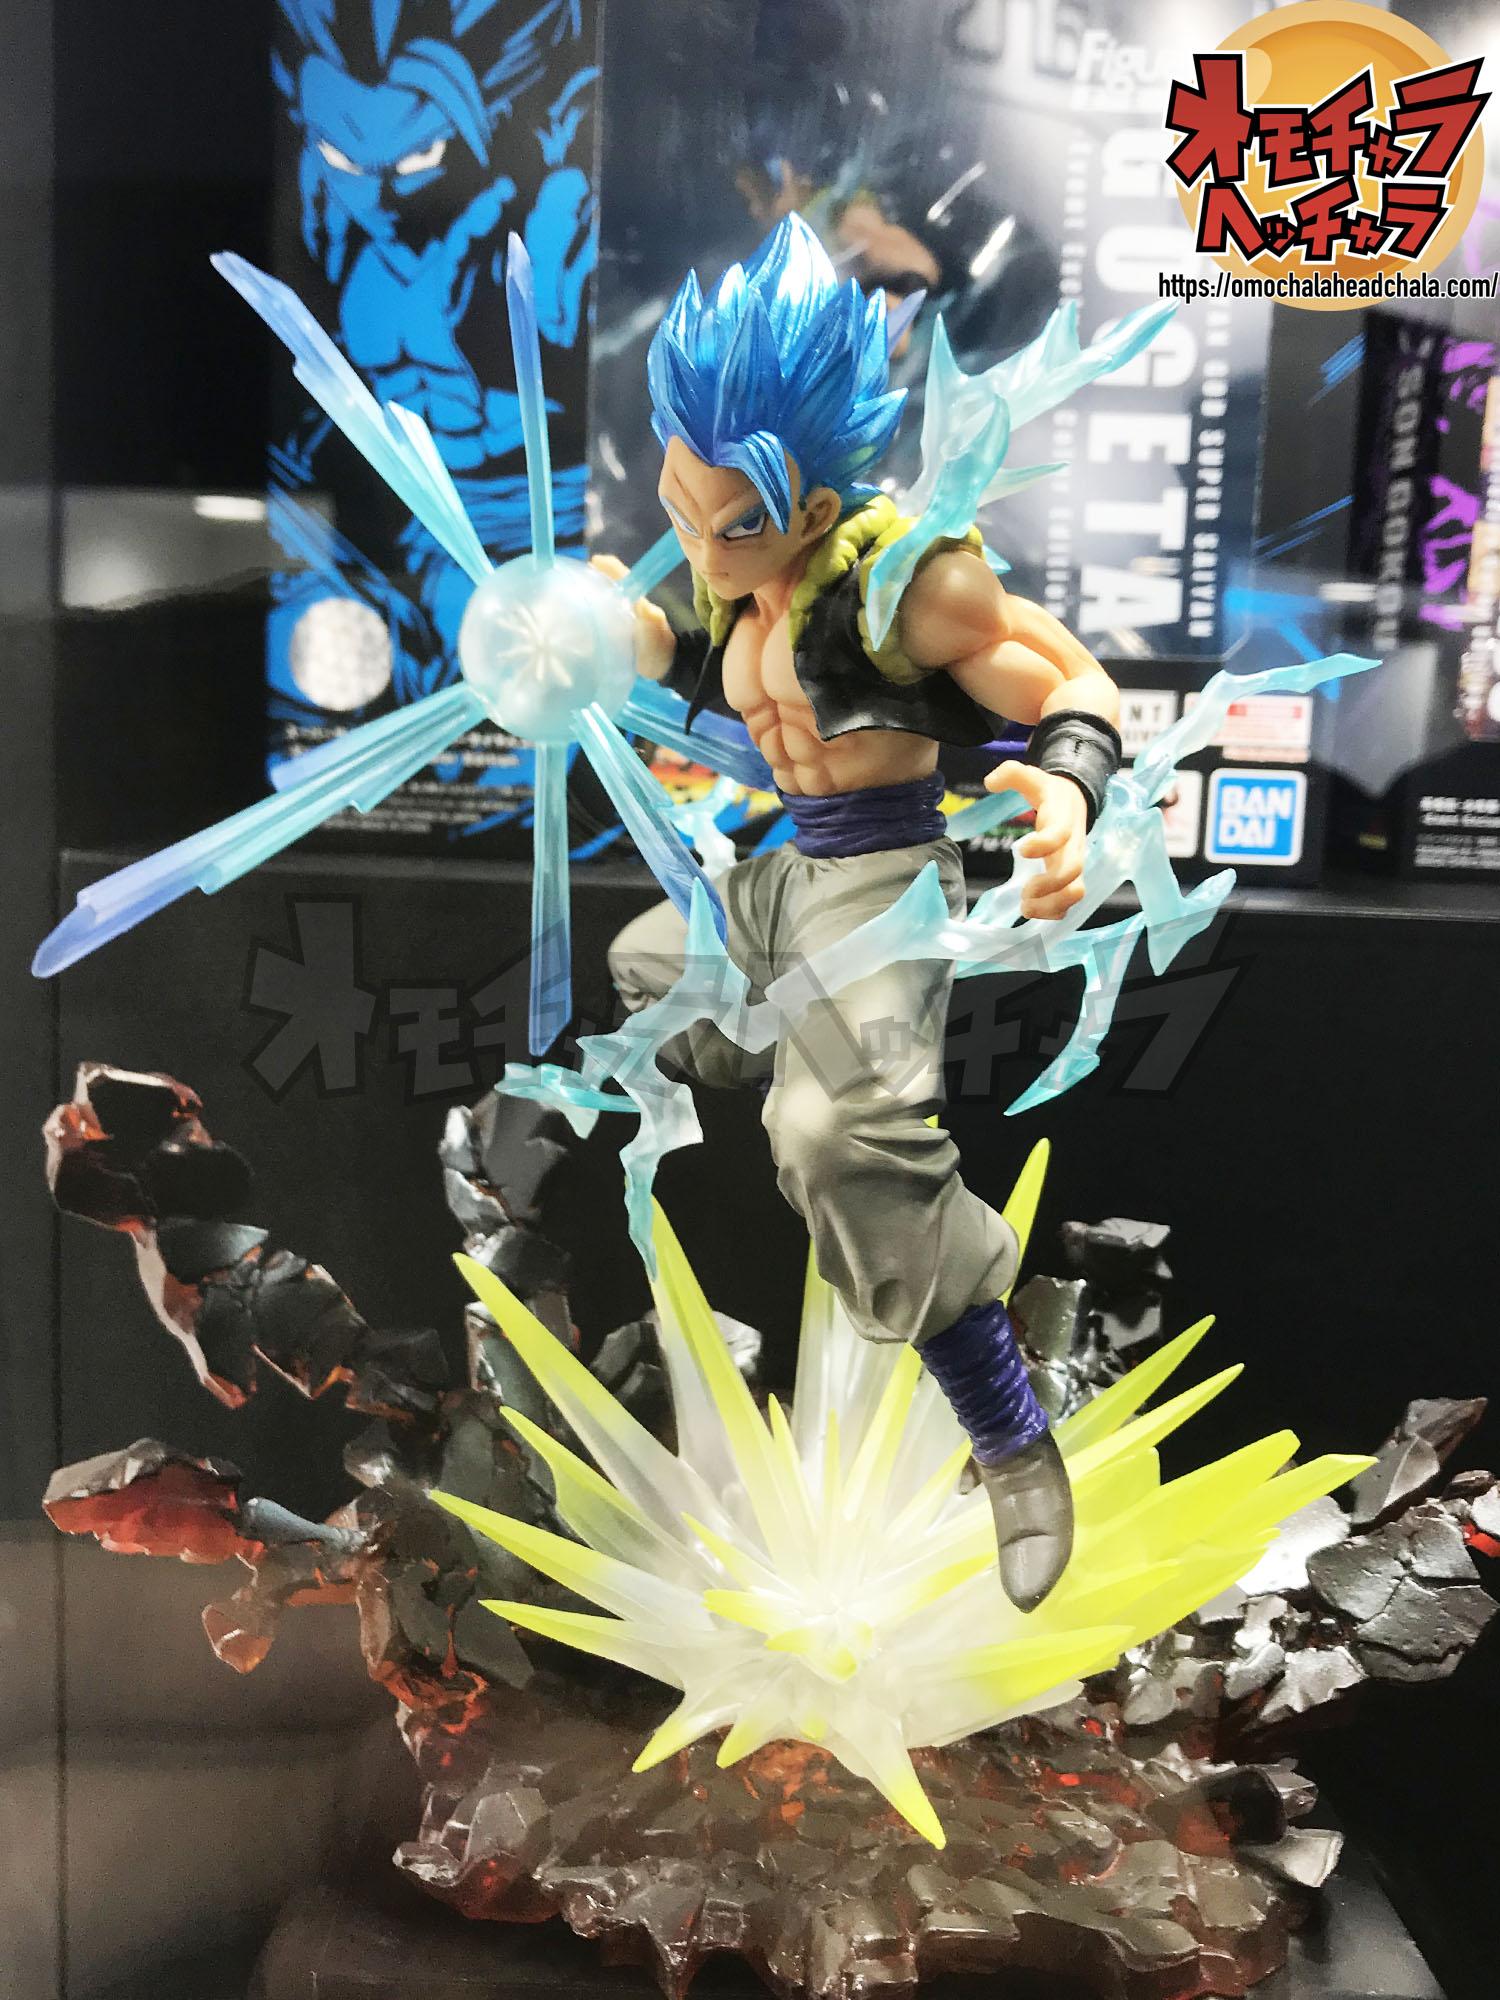 ドラゴンボールフィギュアレビューブログの魂ネイション2019海外イベント限定フィギュアーツZERO超サイヤ人ブルー(SSGSS)ゴジータ-Event Exclusive Color Edition-